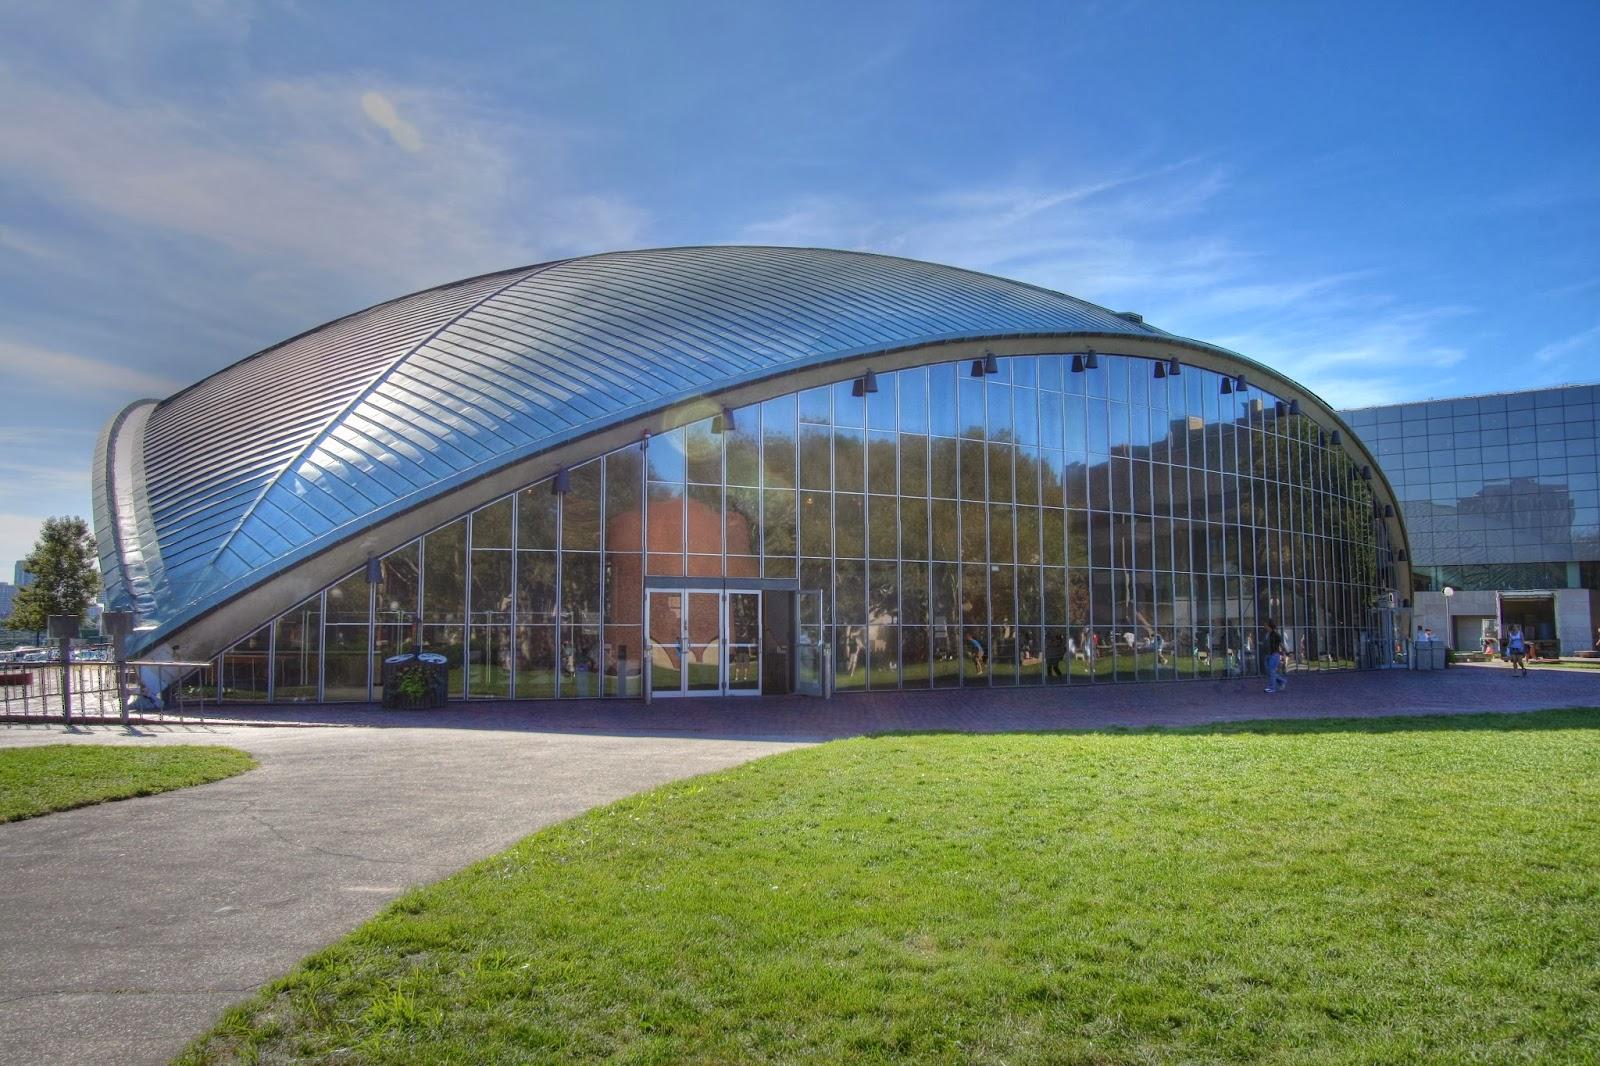 معهد ماساتشوستس للتكنولوجيا   كيسان